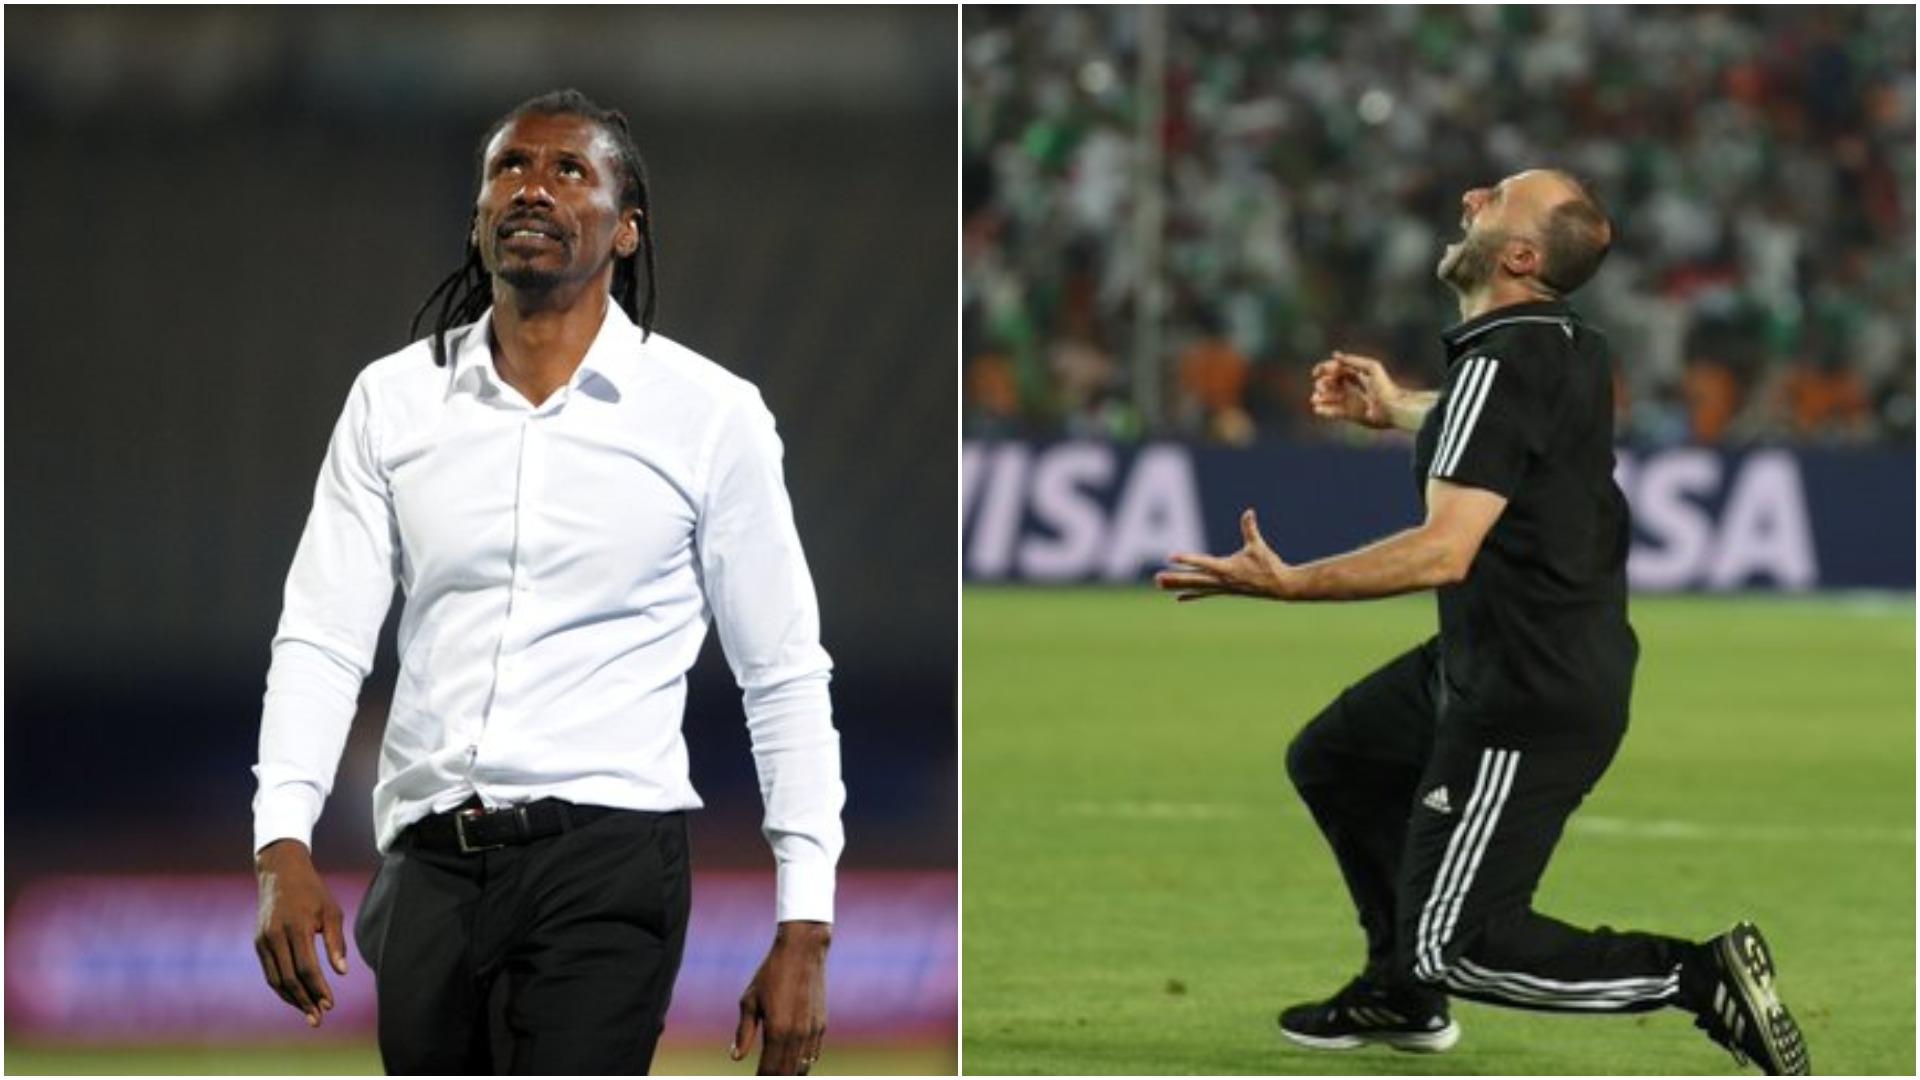 Senegal v Algeria: Friends Cisse and Belmadi do battle for AFCON history